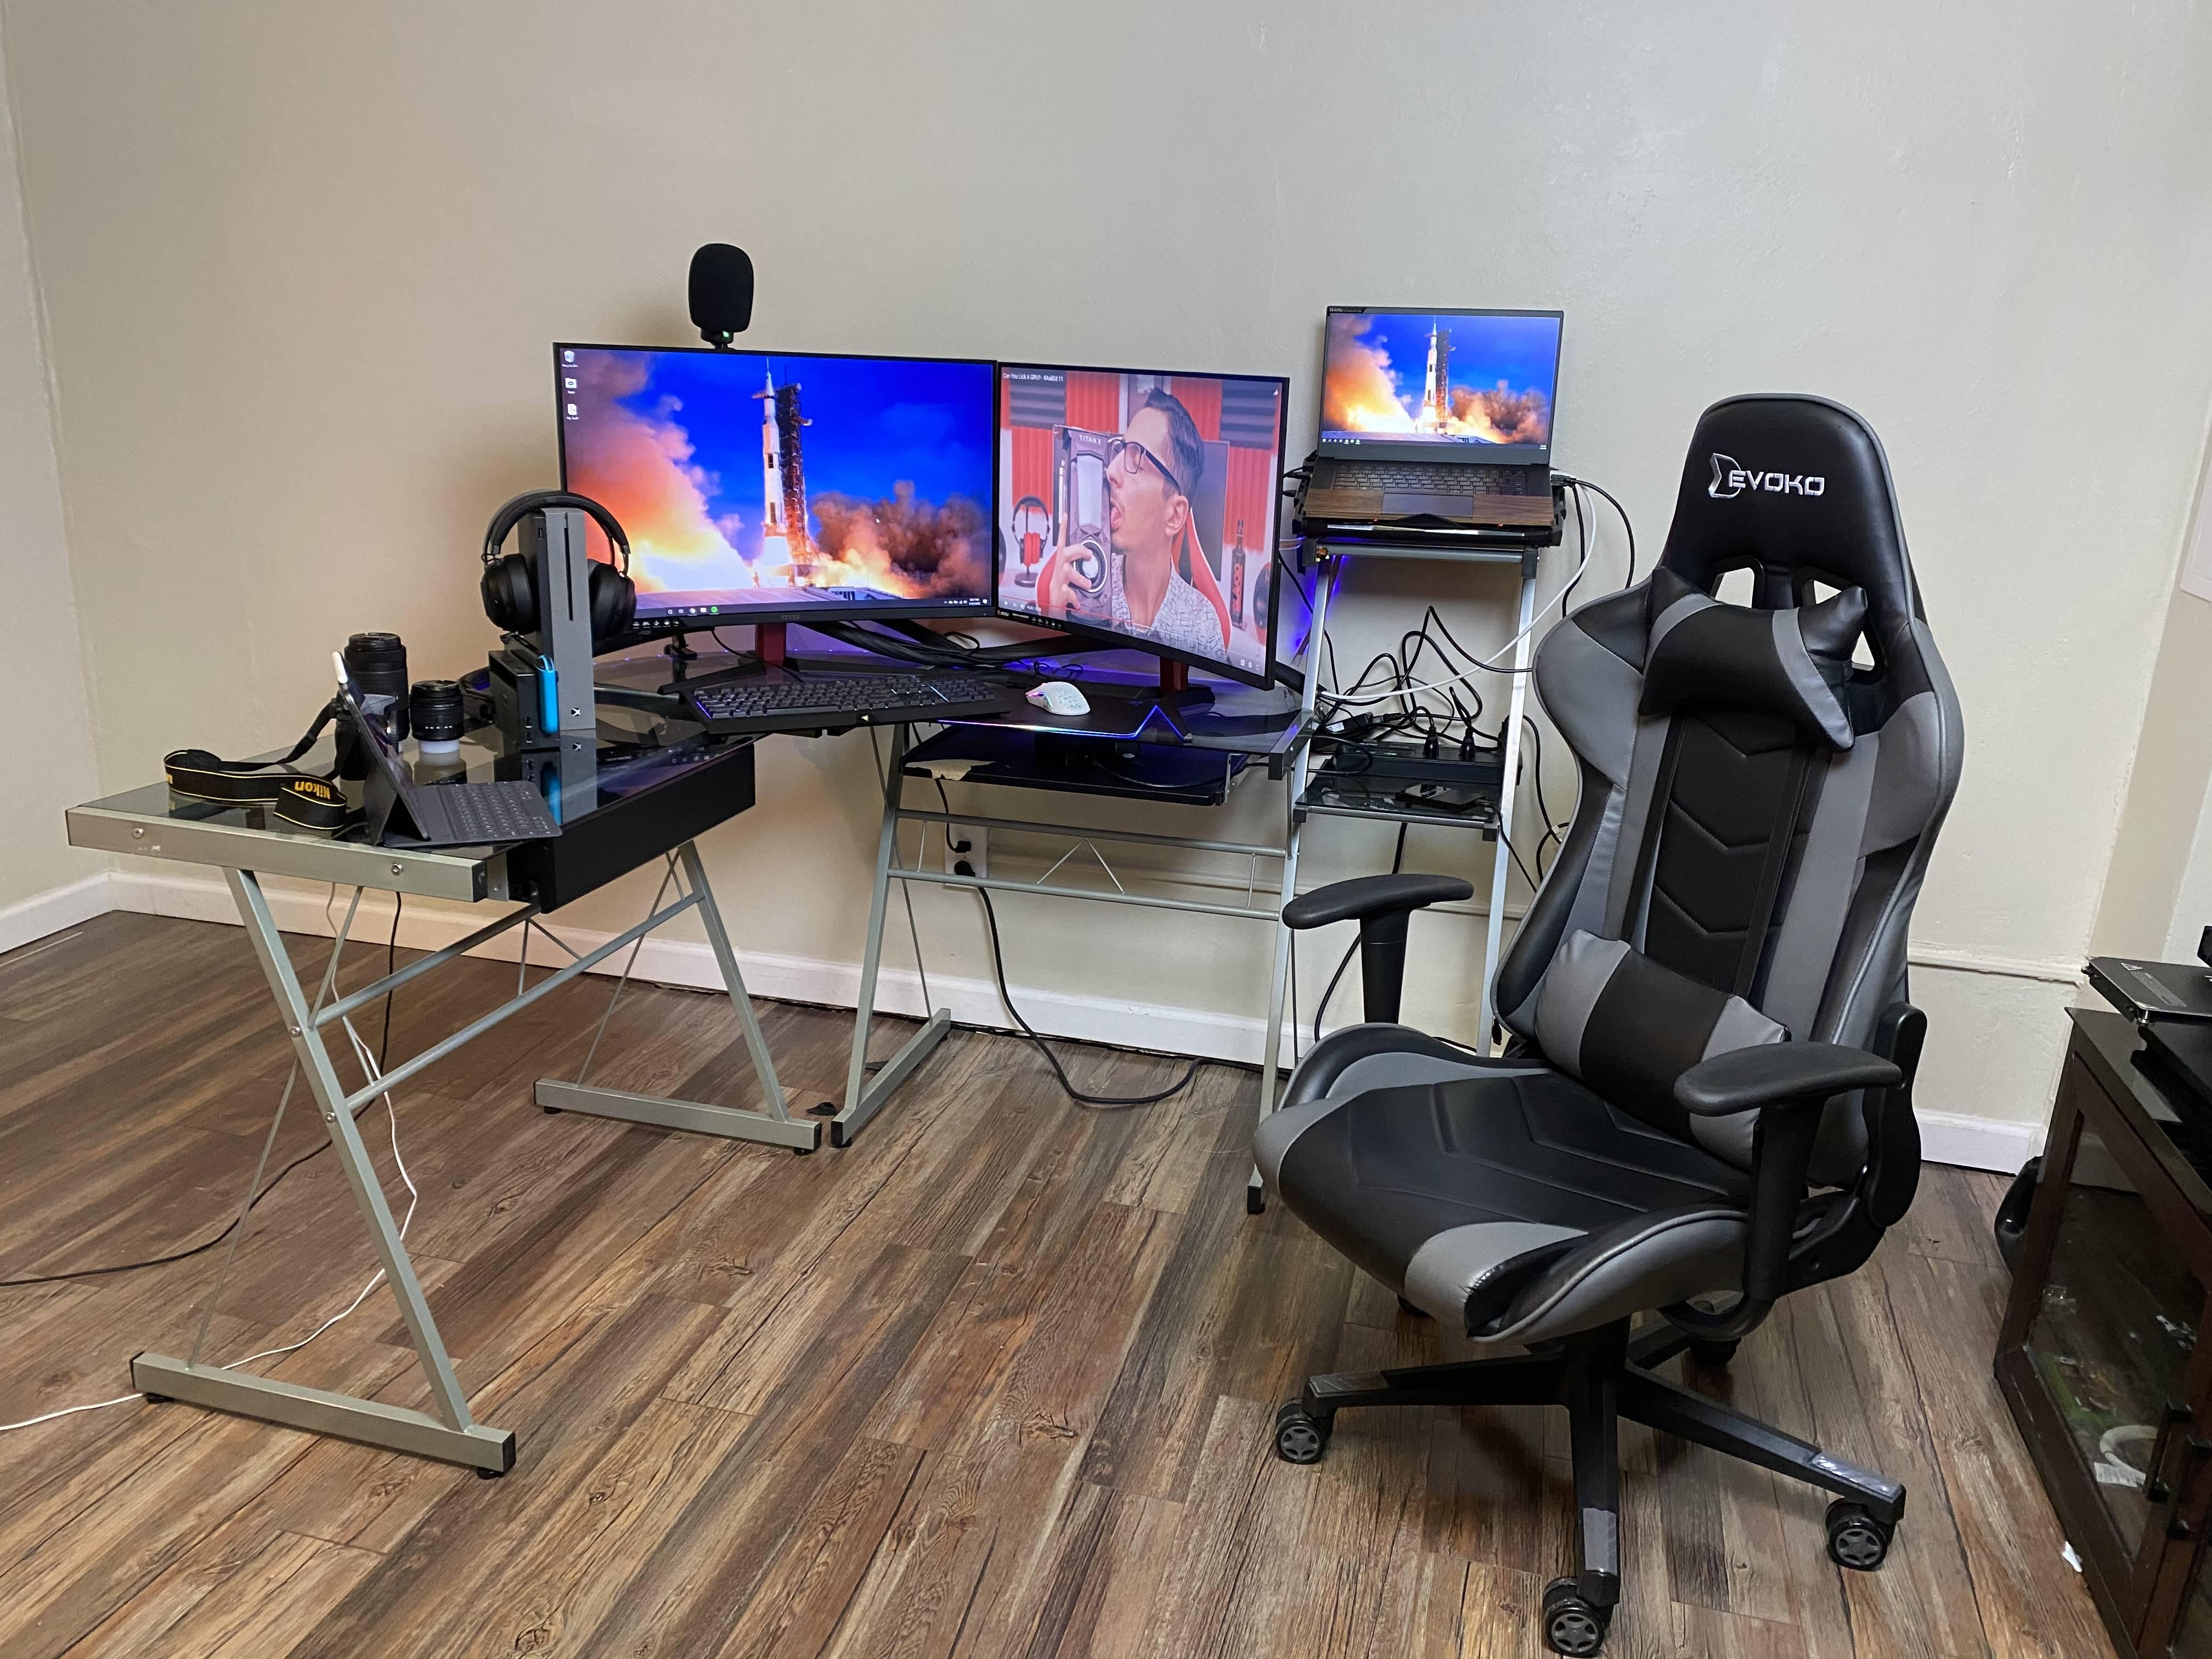 synapseshots's Setup - My gaming setup    Scooget